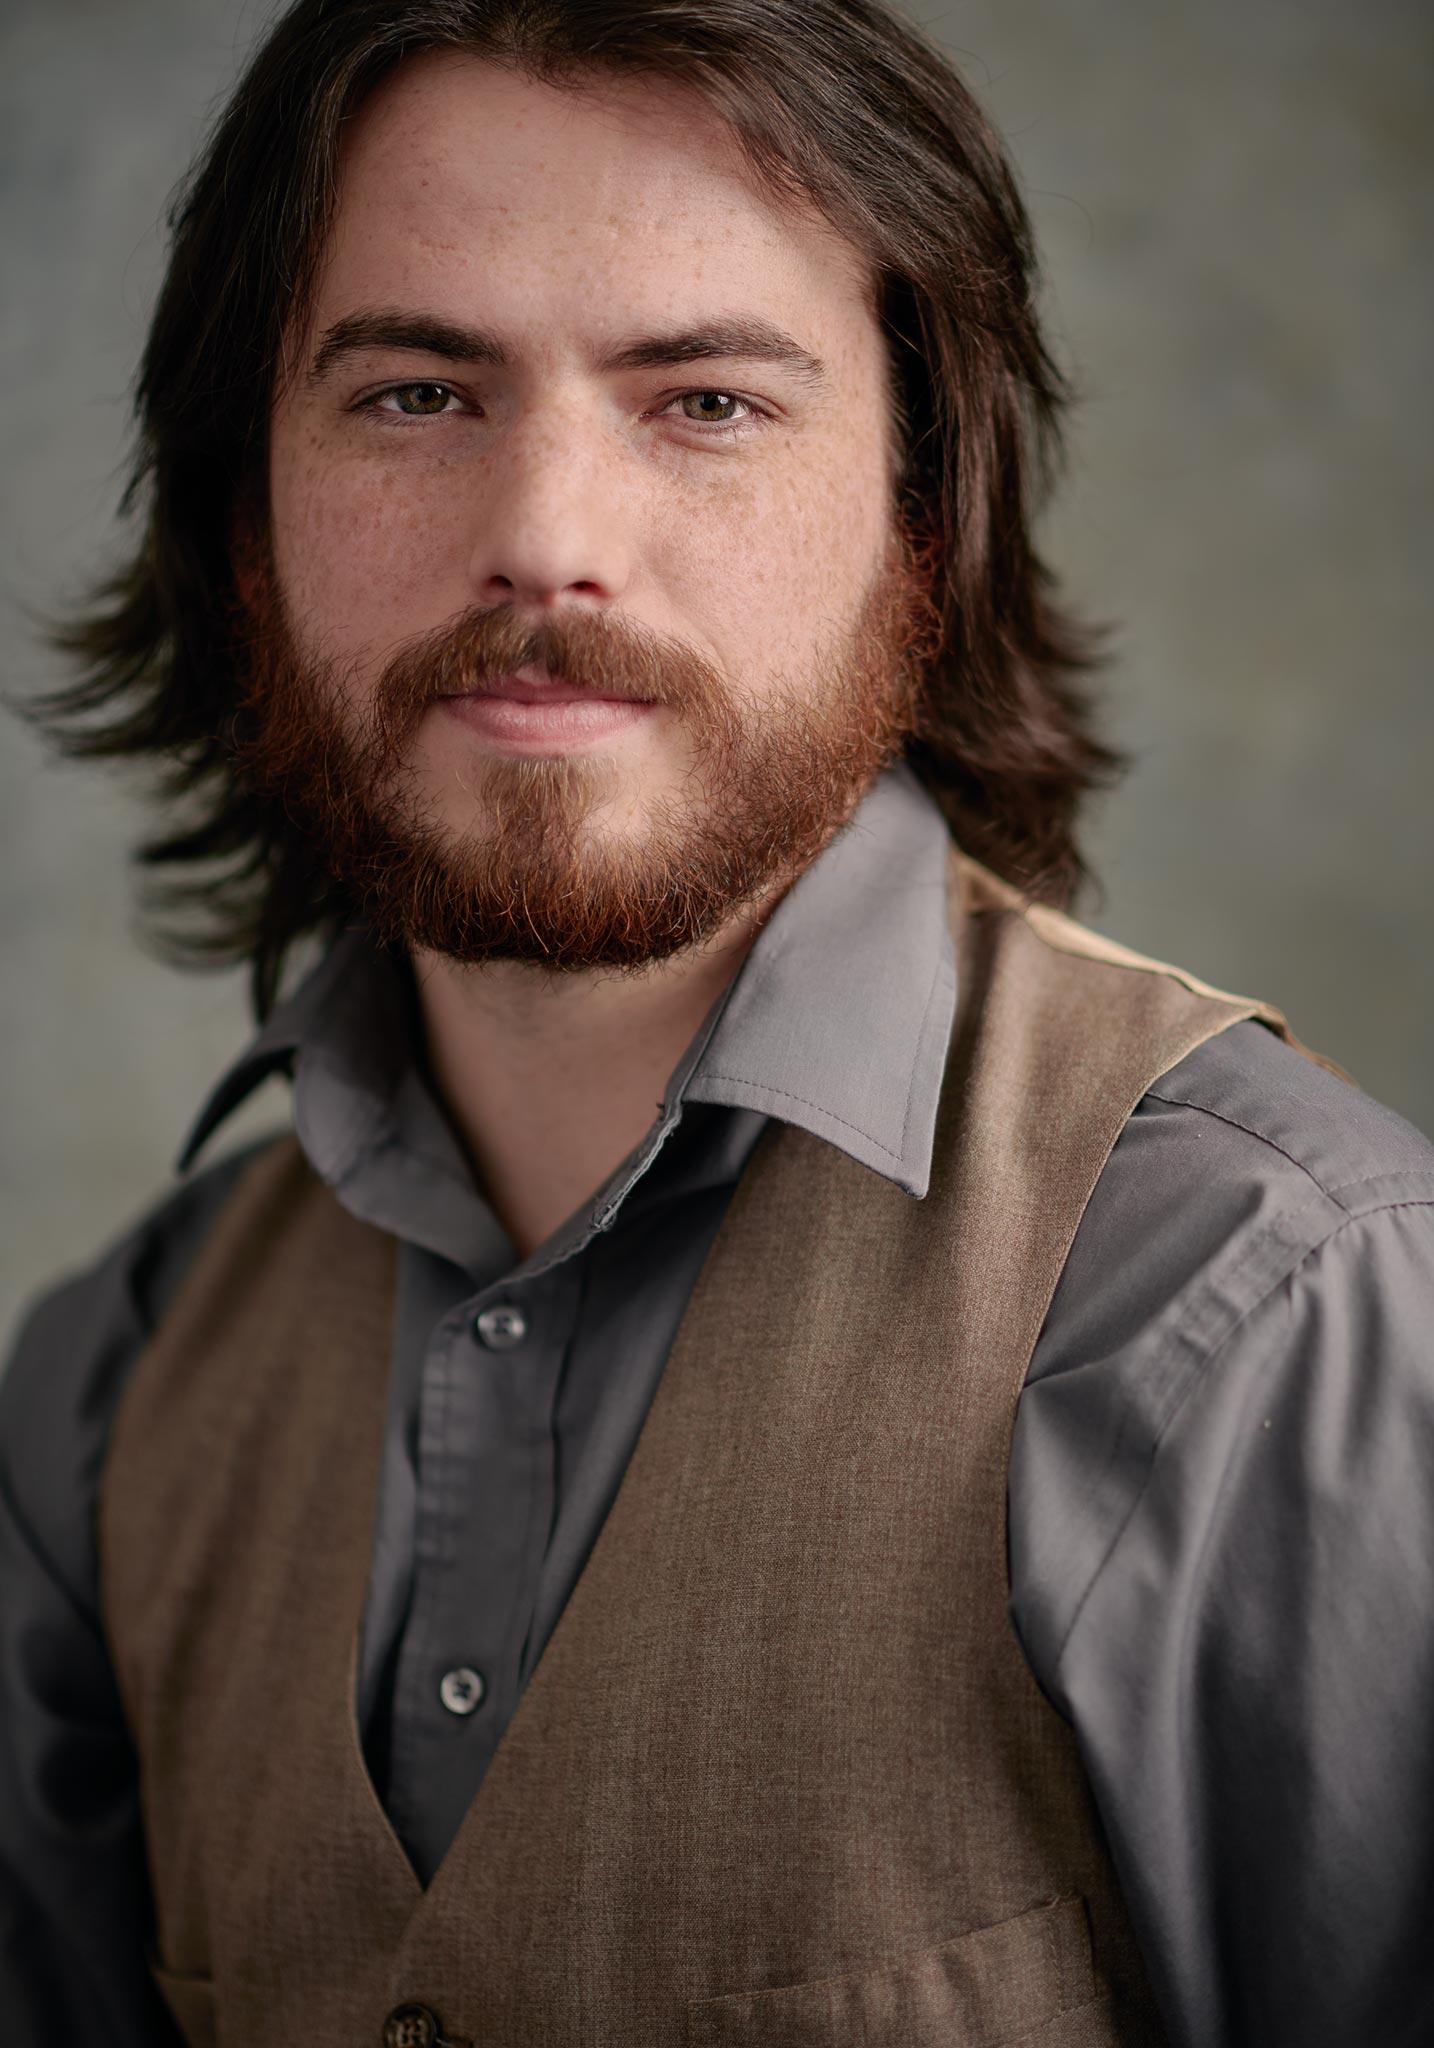 Eugene Portrait Photography